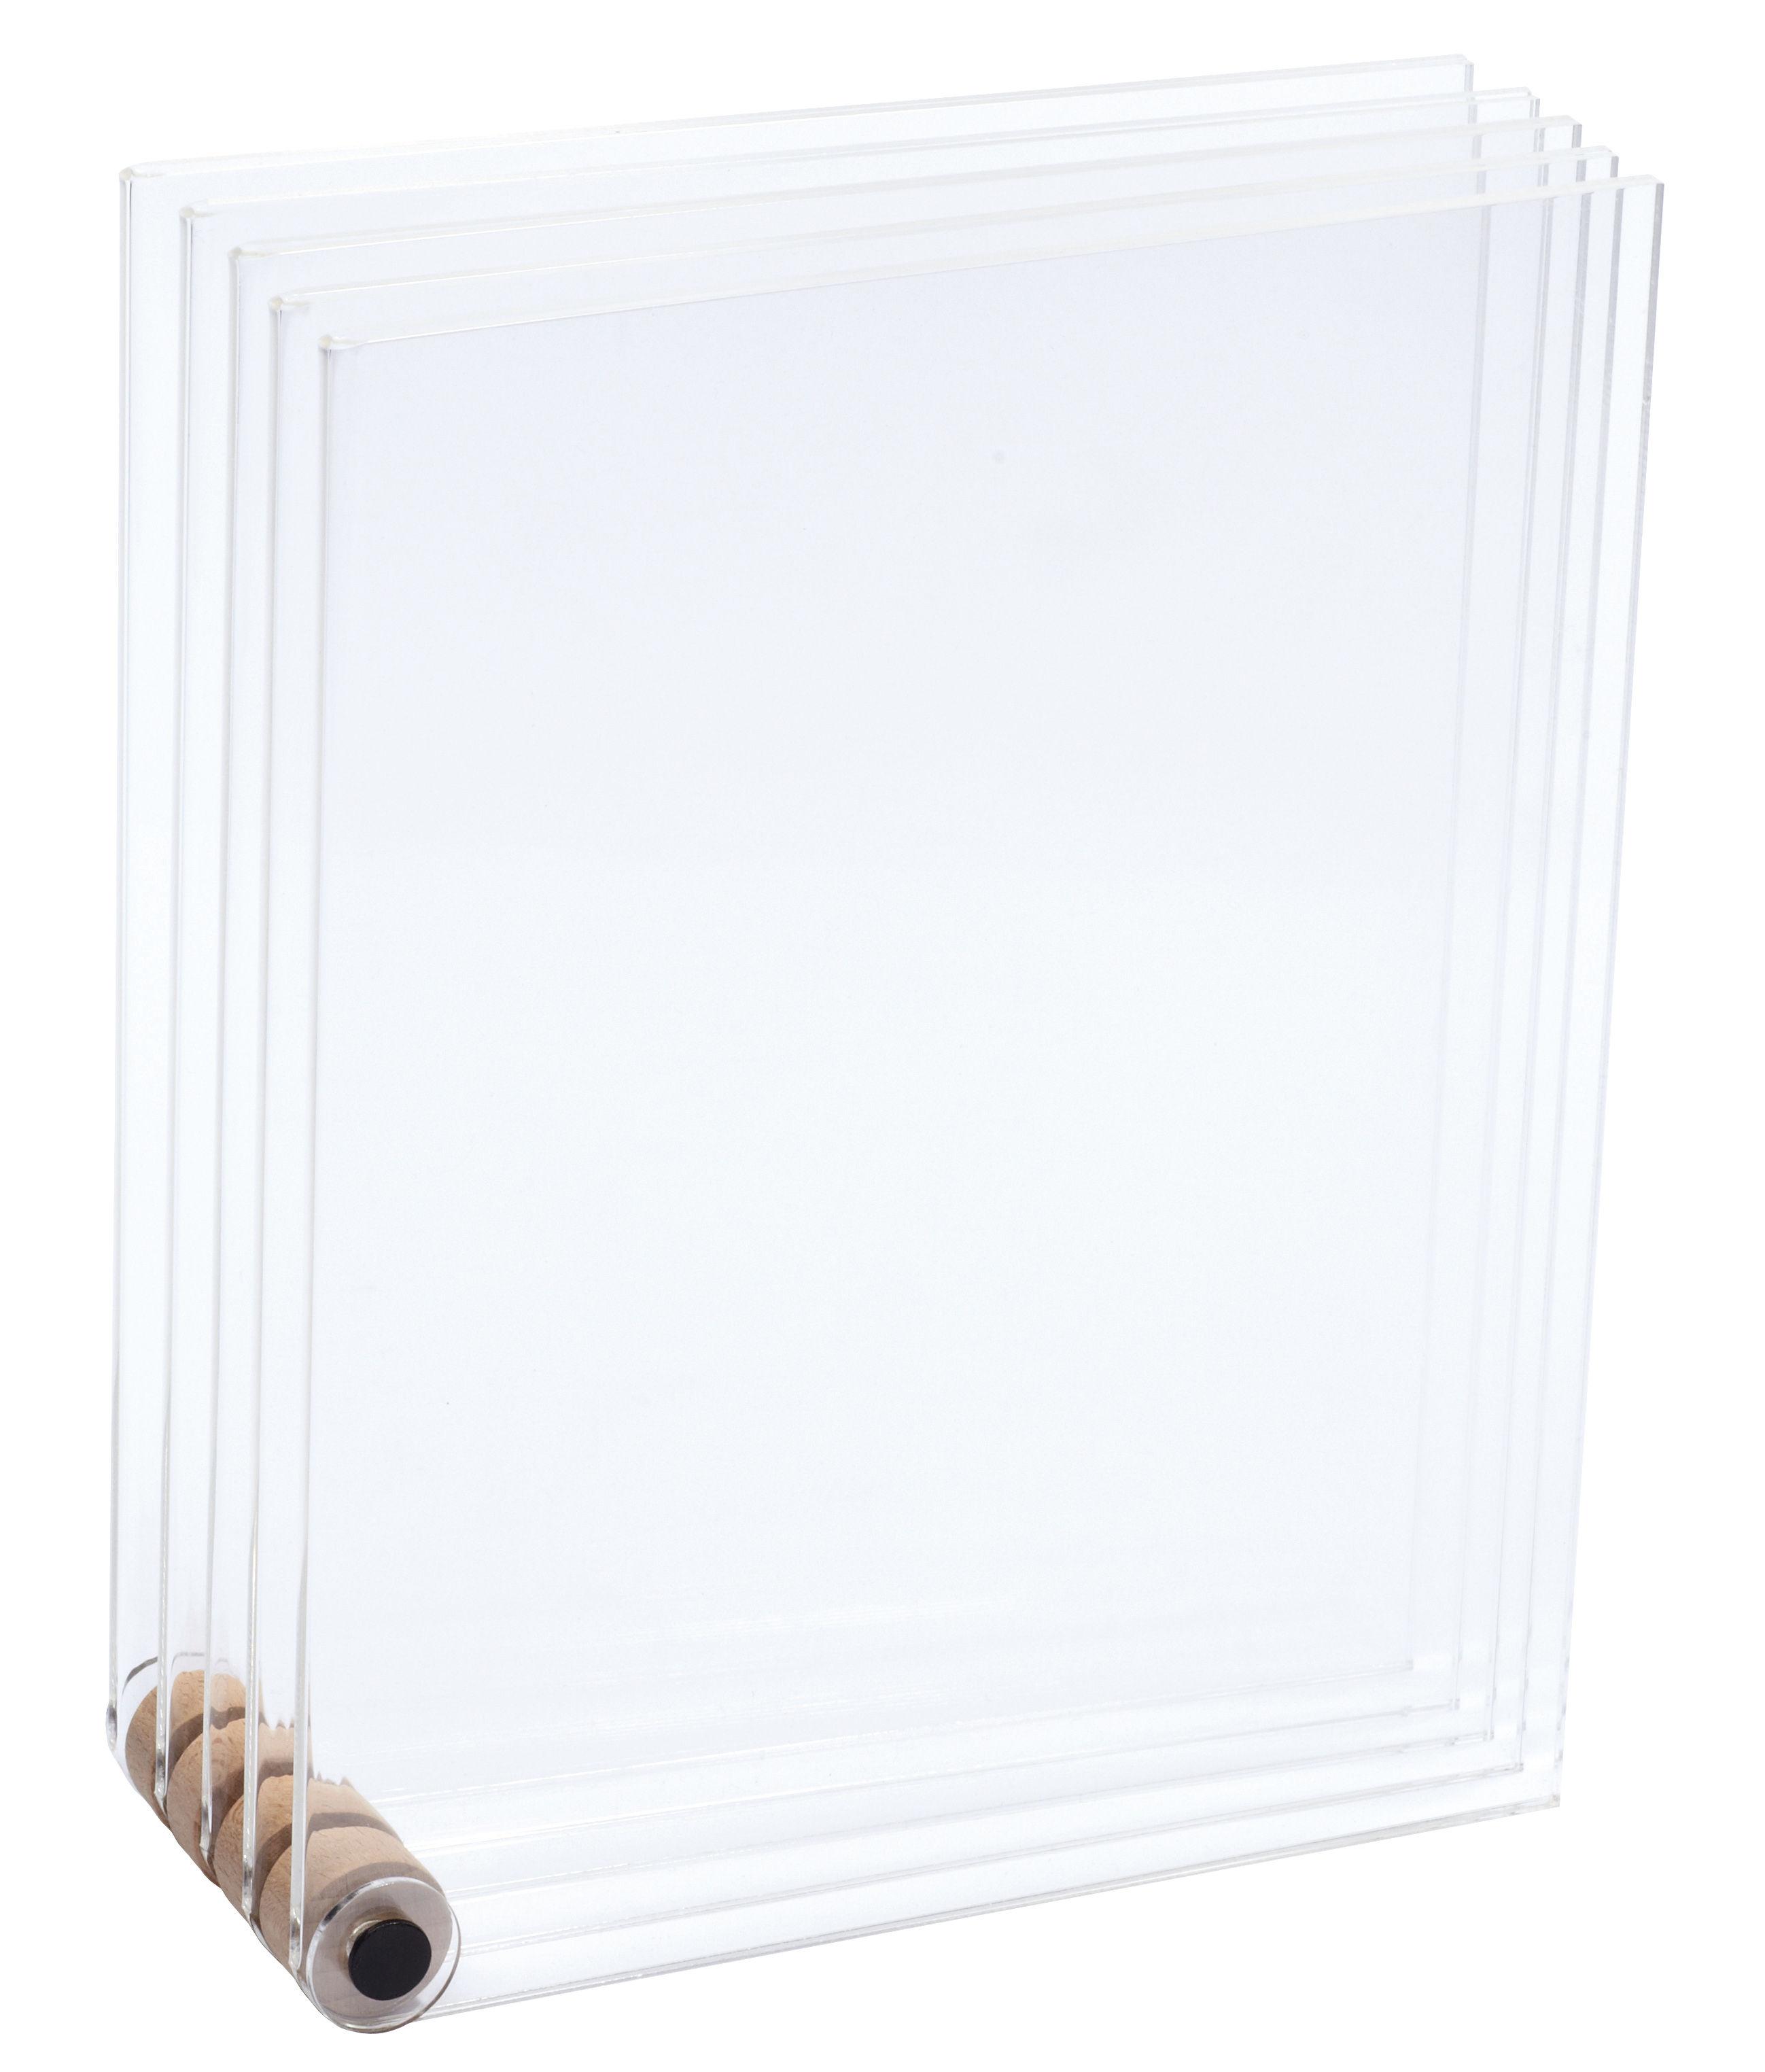 Déco - Objets déco et cadres-photos - Cadre-photo Porte-dessins / 5 cadres transparents - L'atelier d'exercices - Transparent - Acier, Acrylique, Hêtre massif